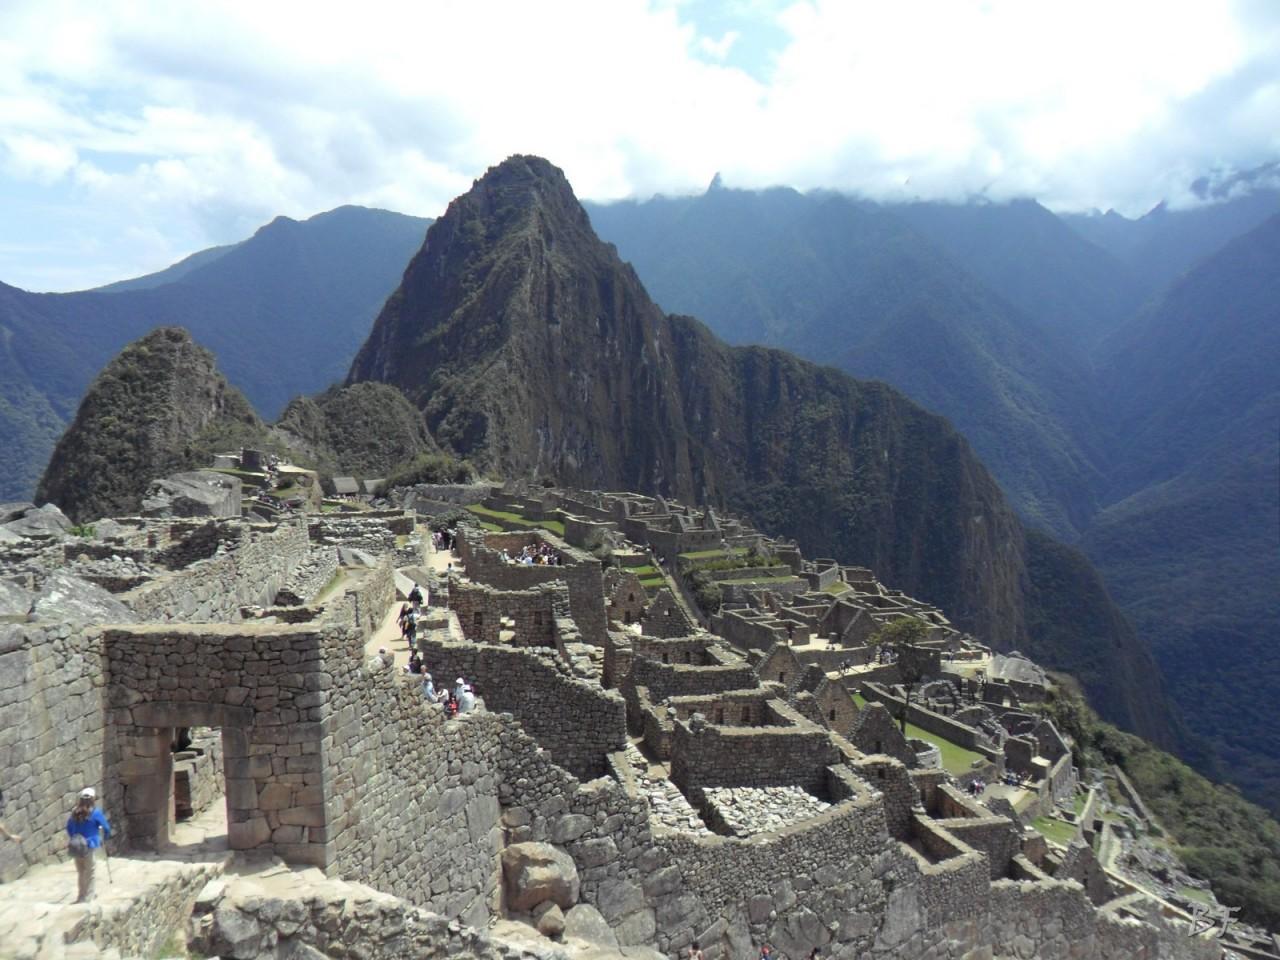 Mura-Poligonali-Incisioni-Altari-Edifici-Rupestri-Megaliti-Machu-Picchu-Aguas-Calientes-Urubamba-Cusco-Perù-64